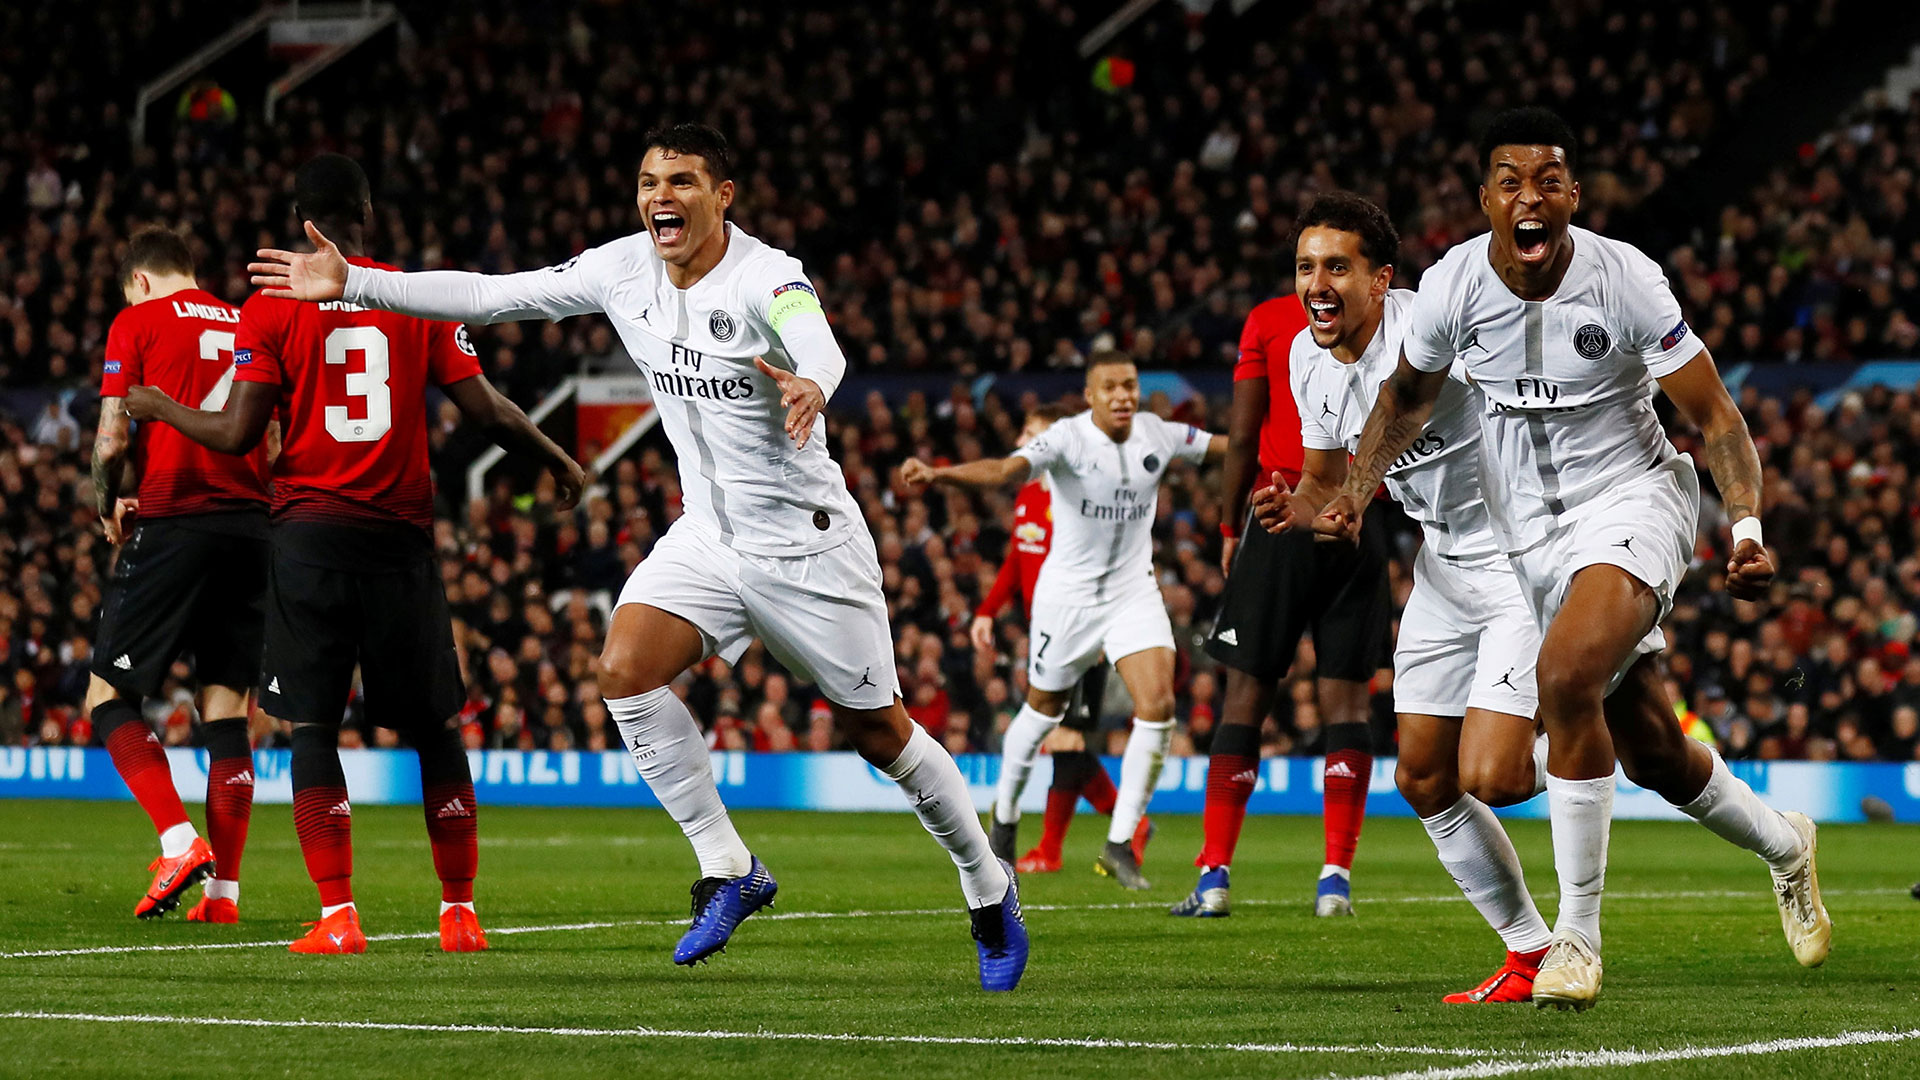 El Paris Saint Germain ganó 2-0 en Old Trafford en el partido de ida (Reuters)